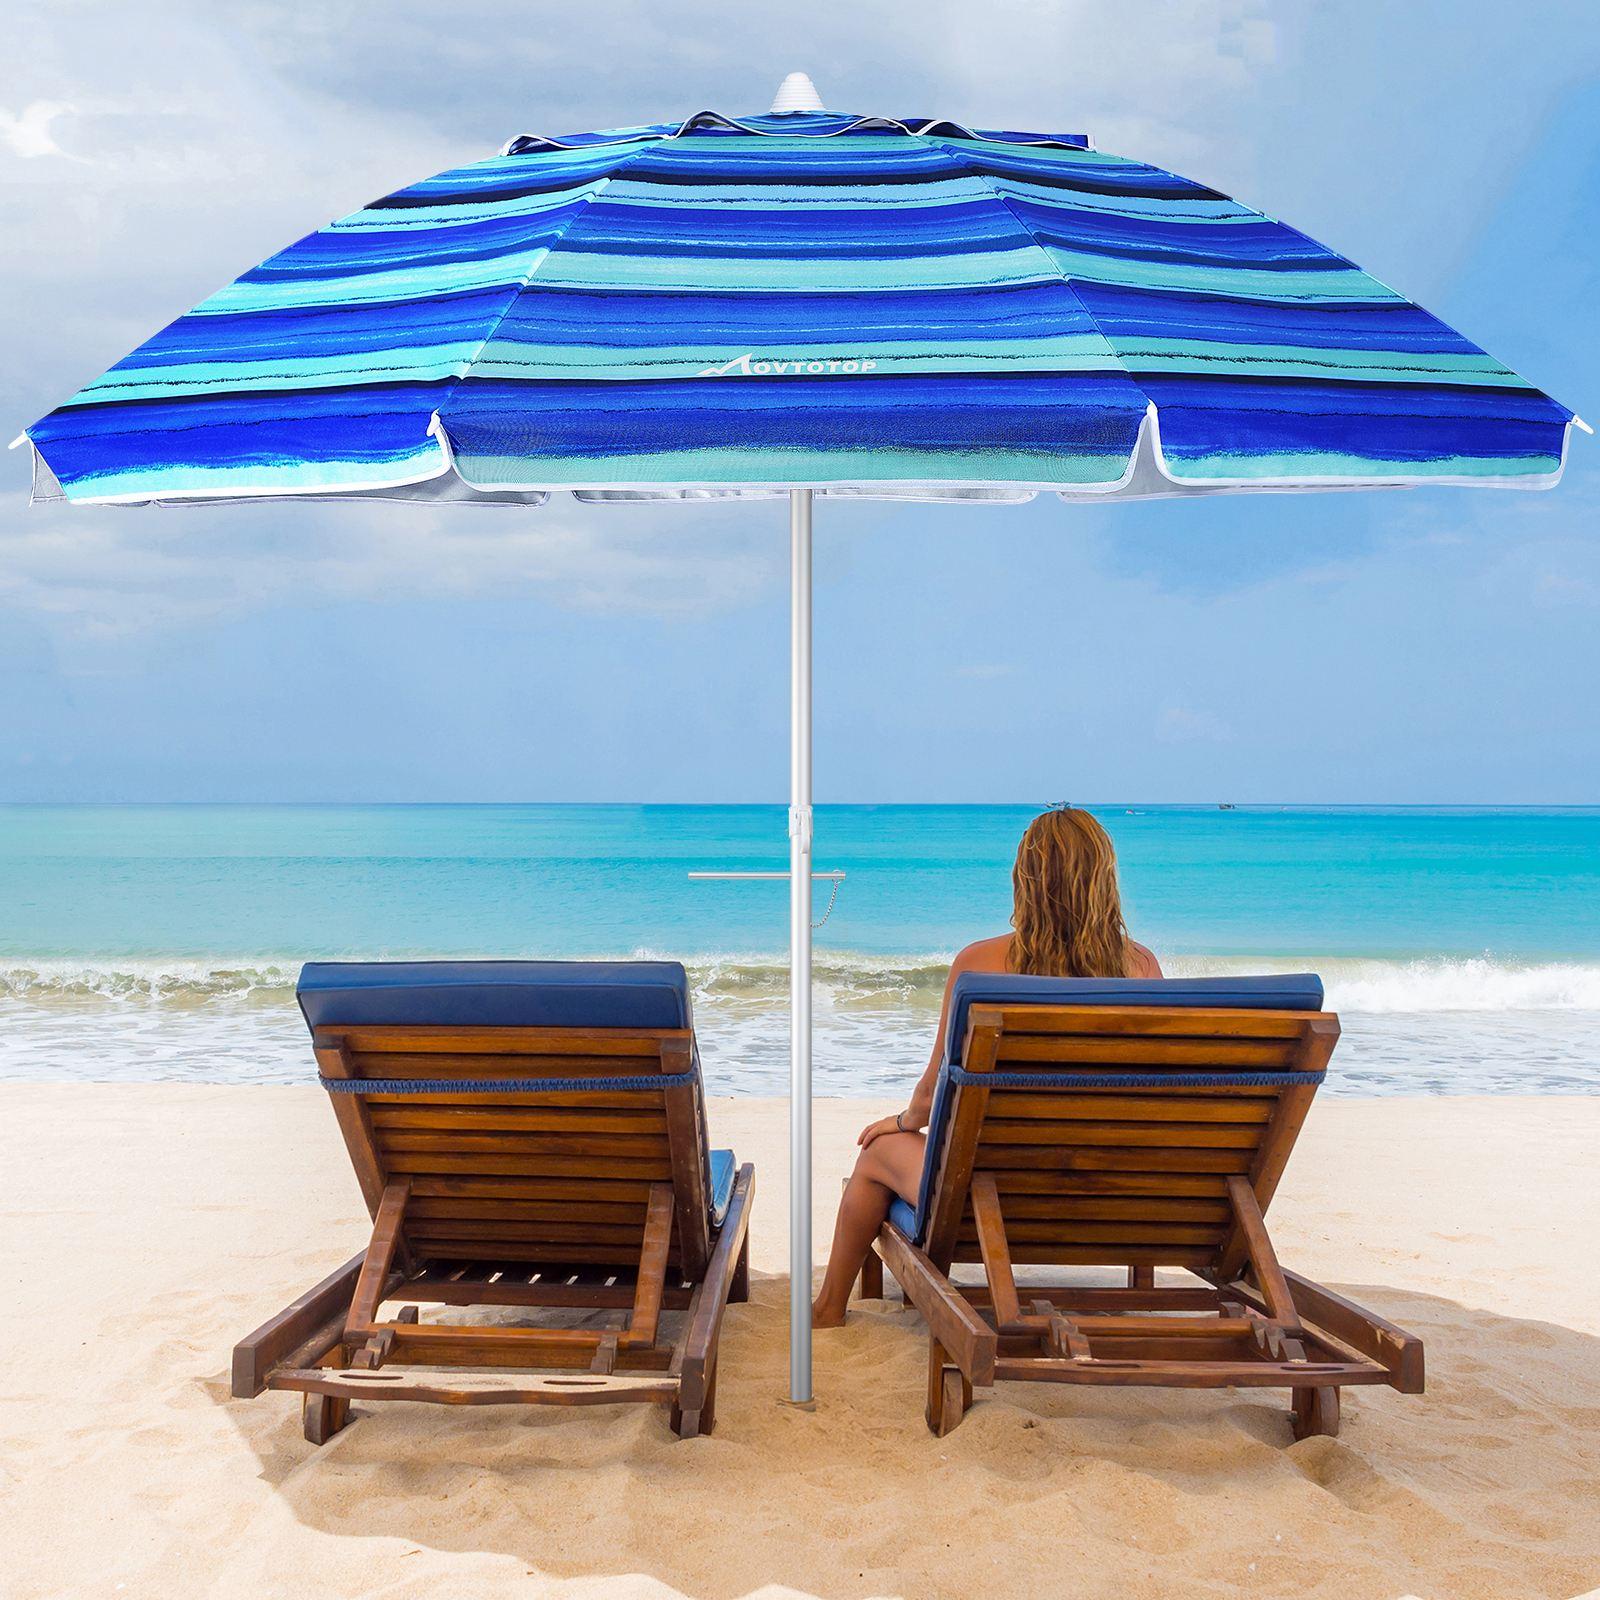 MOVTOTOP S21O 6.5ft Beach Umbrella Outdoor Sunshade Umbrella Crank Adjustable Umbrella Canopy for Garden Camping Backyard Beach